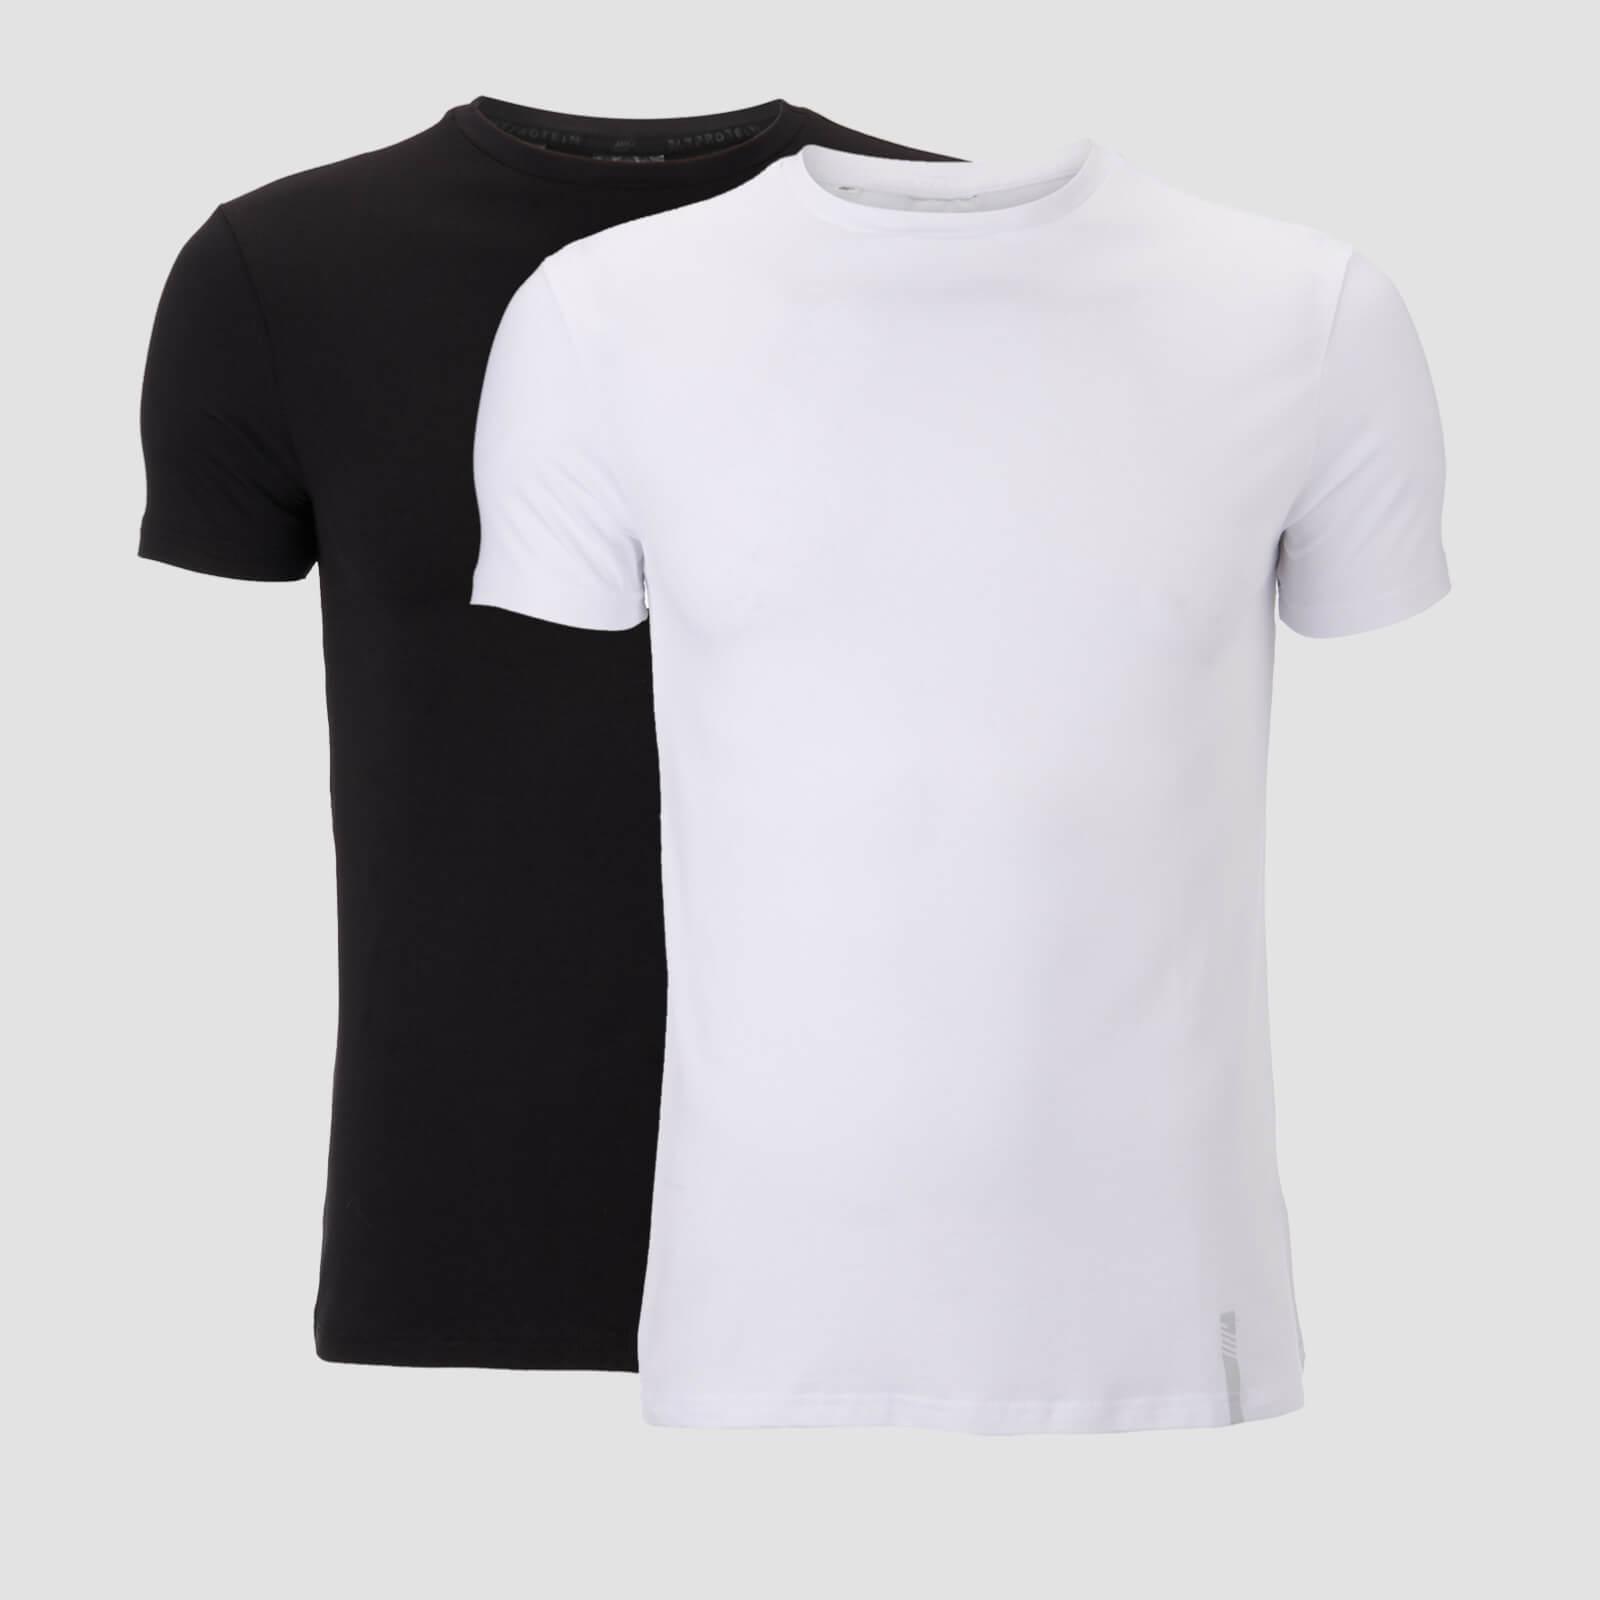 Myprotein Luxe Classic Crew T-Paita (2 Pack) - Musta/Valkoinen - L